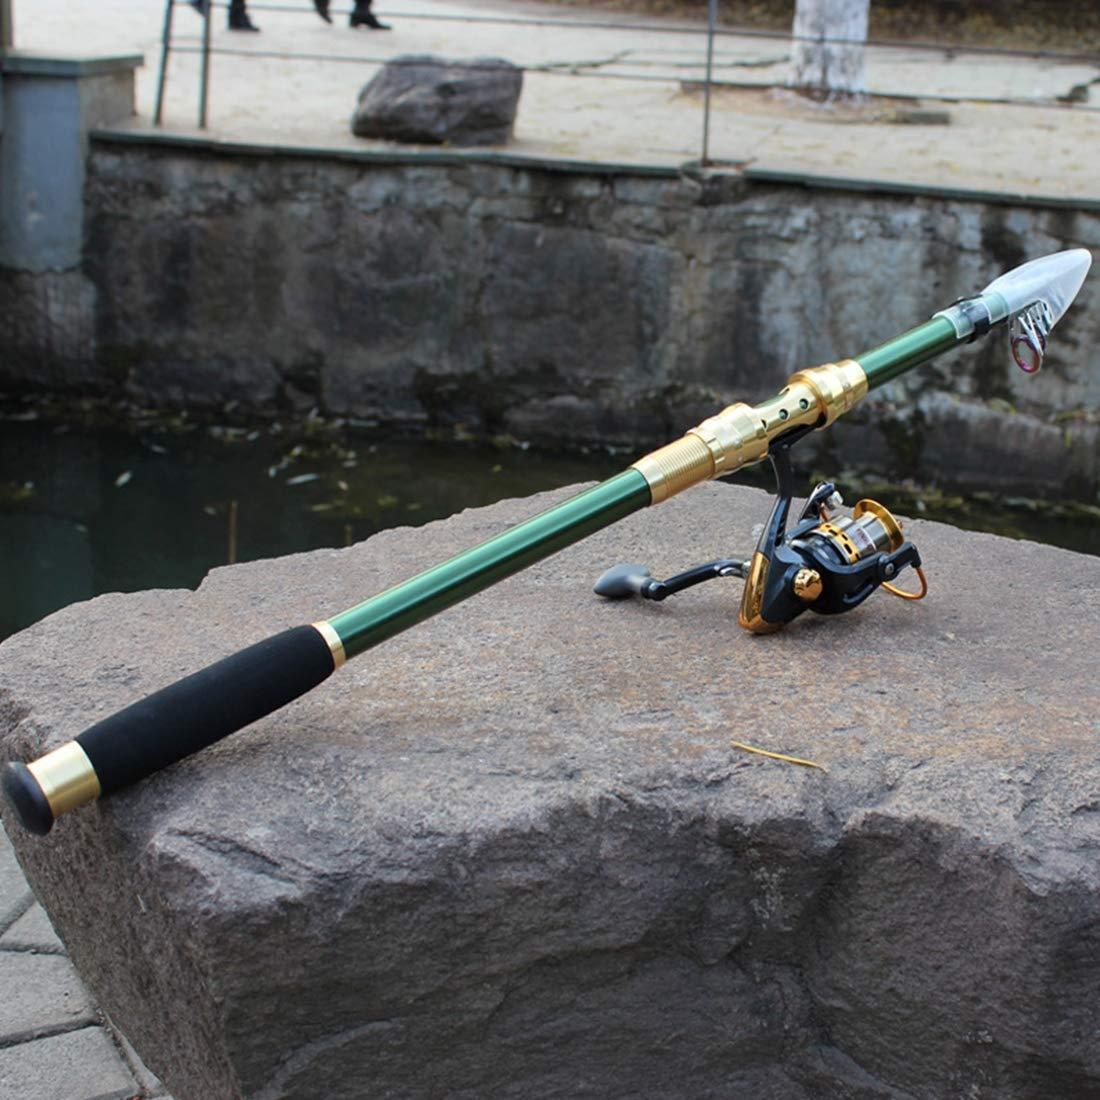 KANEED 釣り竿 海釣り 船釣り 2.1mカーボンポールトラベルポータブル釣竿、ランダムカラーデリバリー 釣りセット   B07PBFL61H